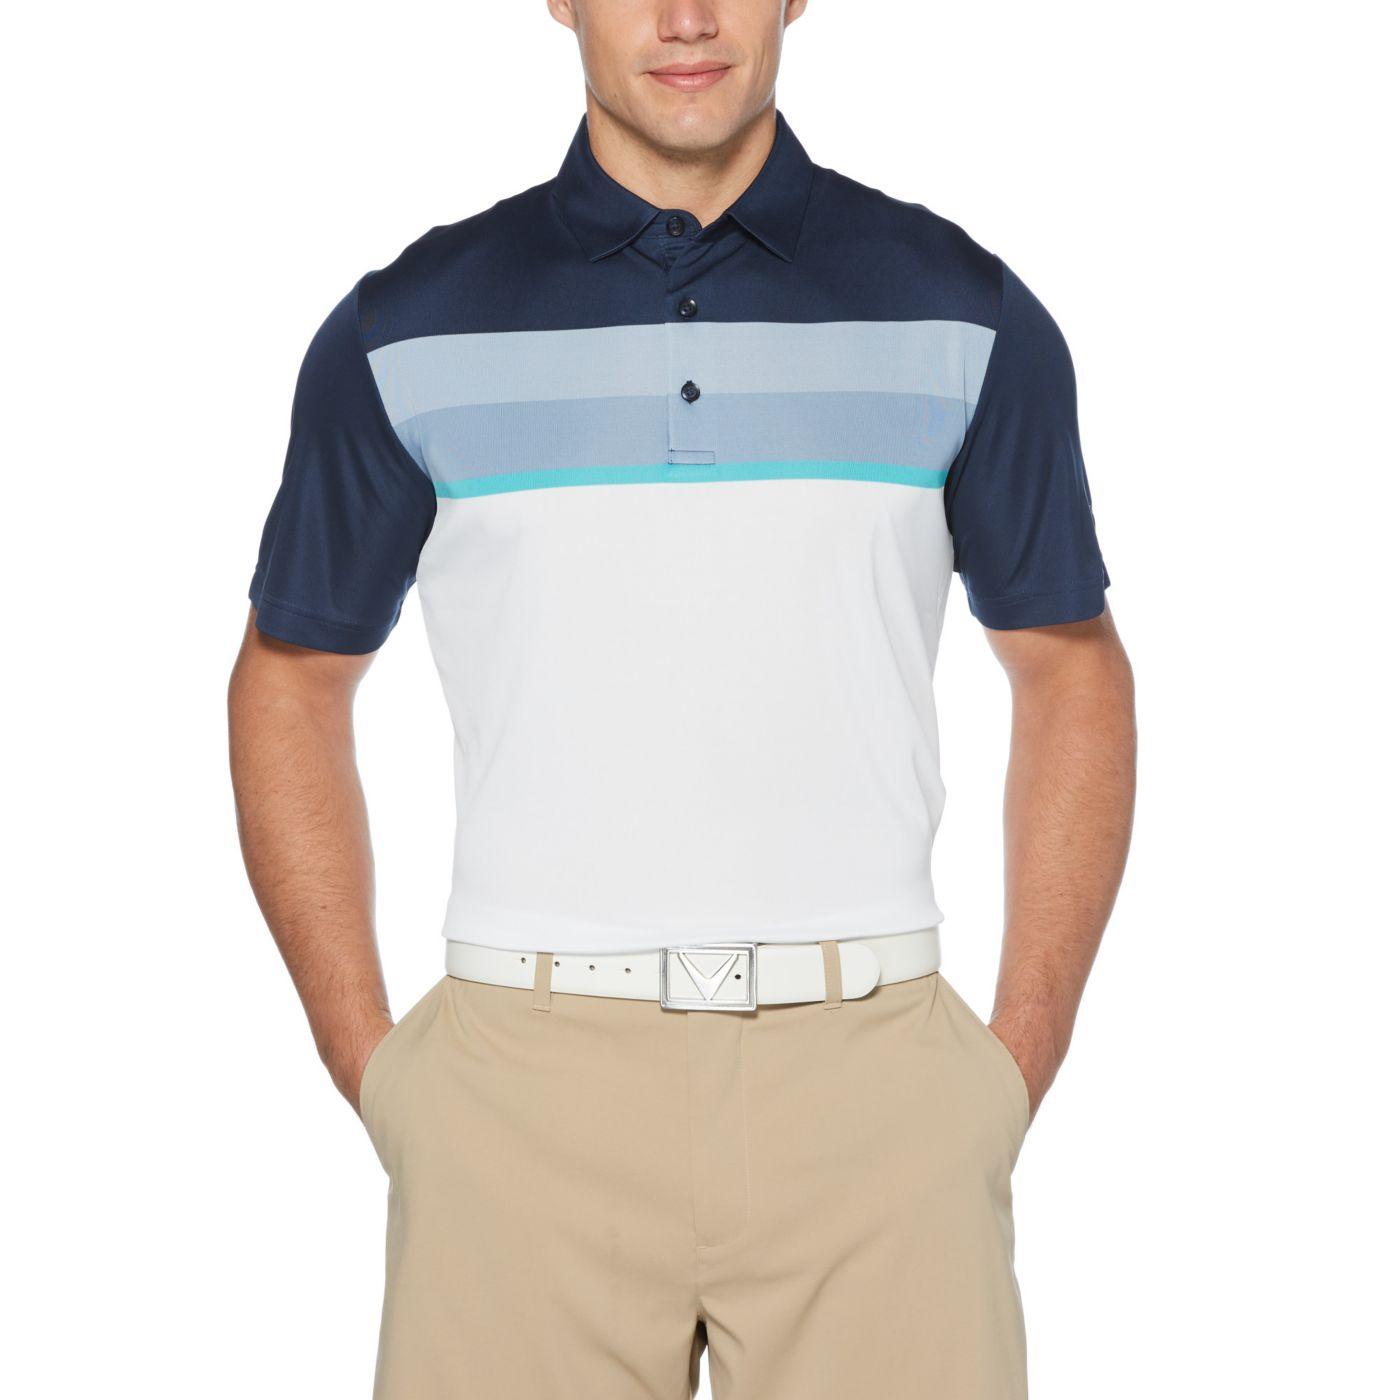 Callaway Men's Birdseye Color Blocked Golf Polo